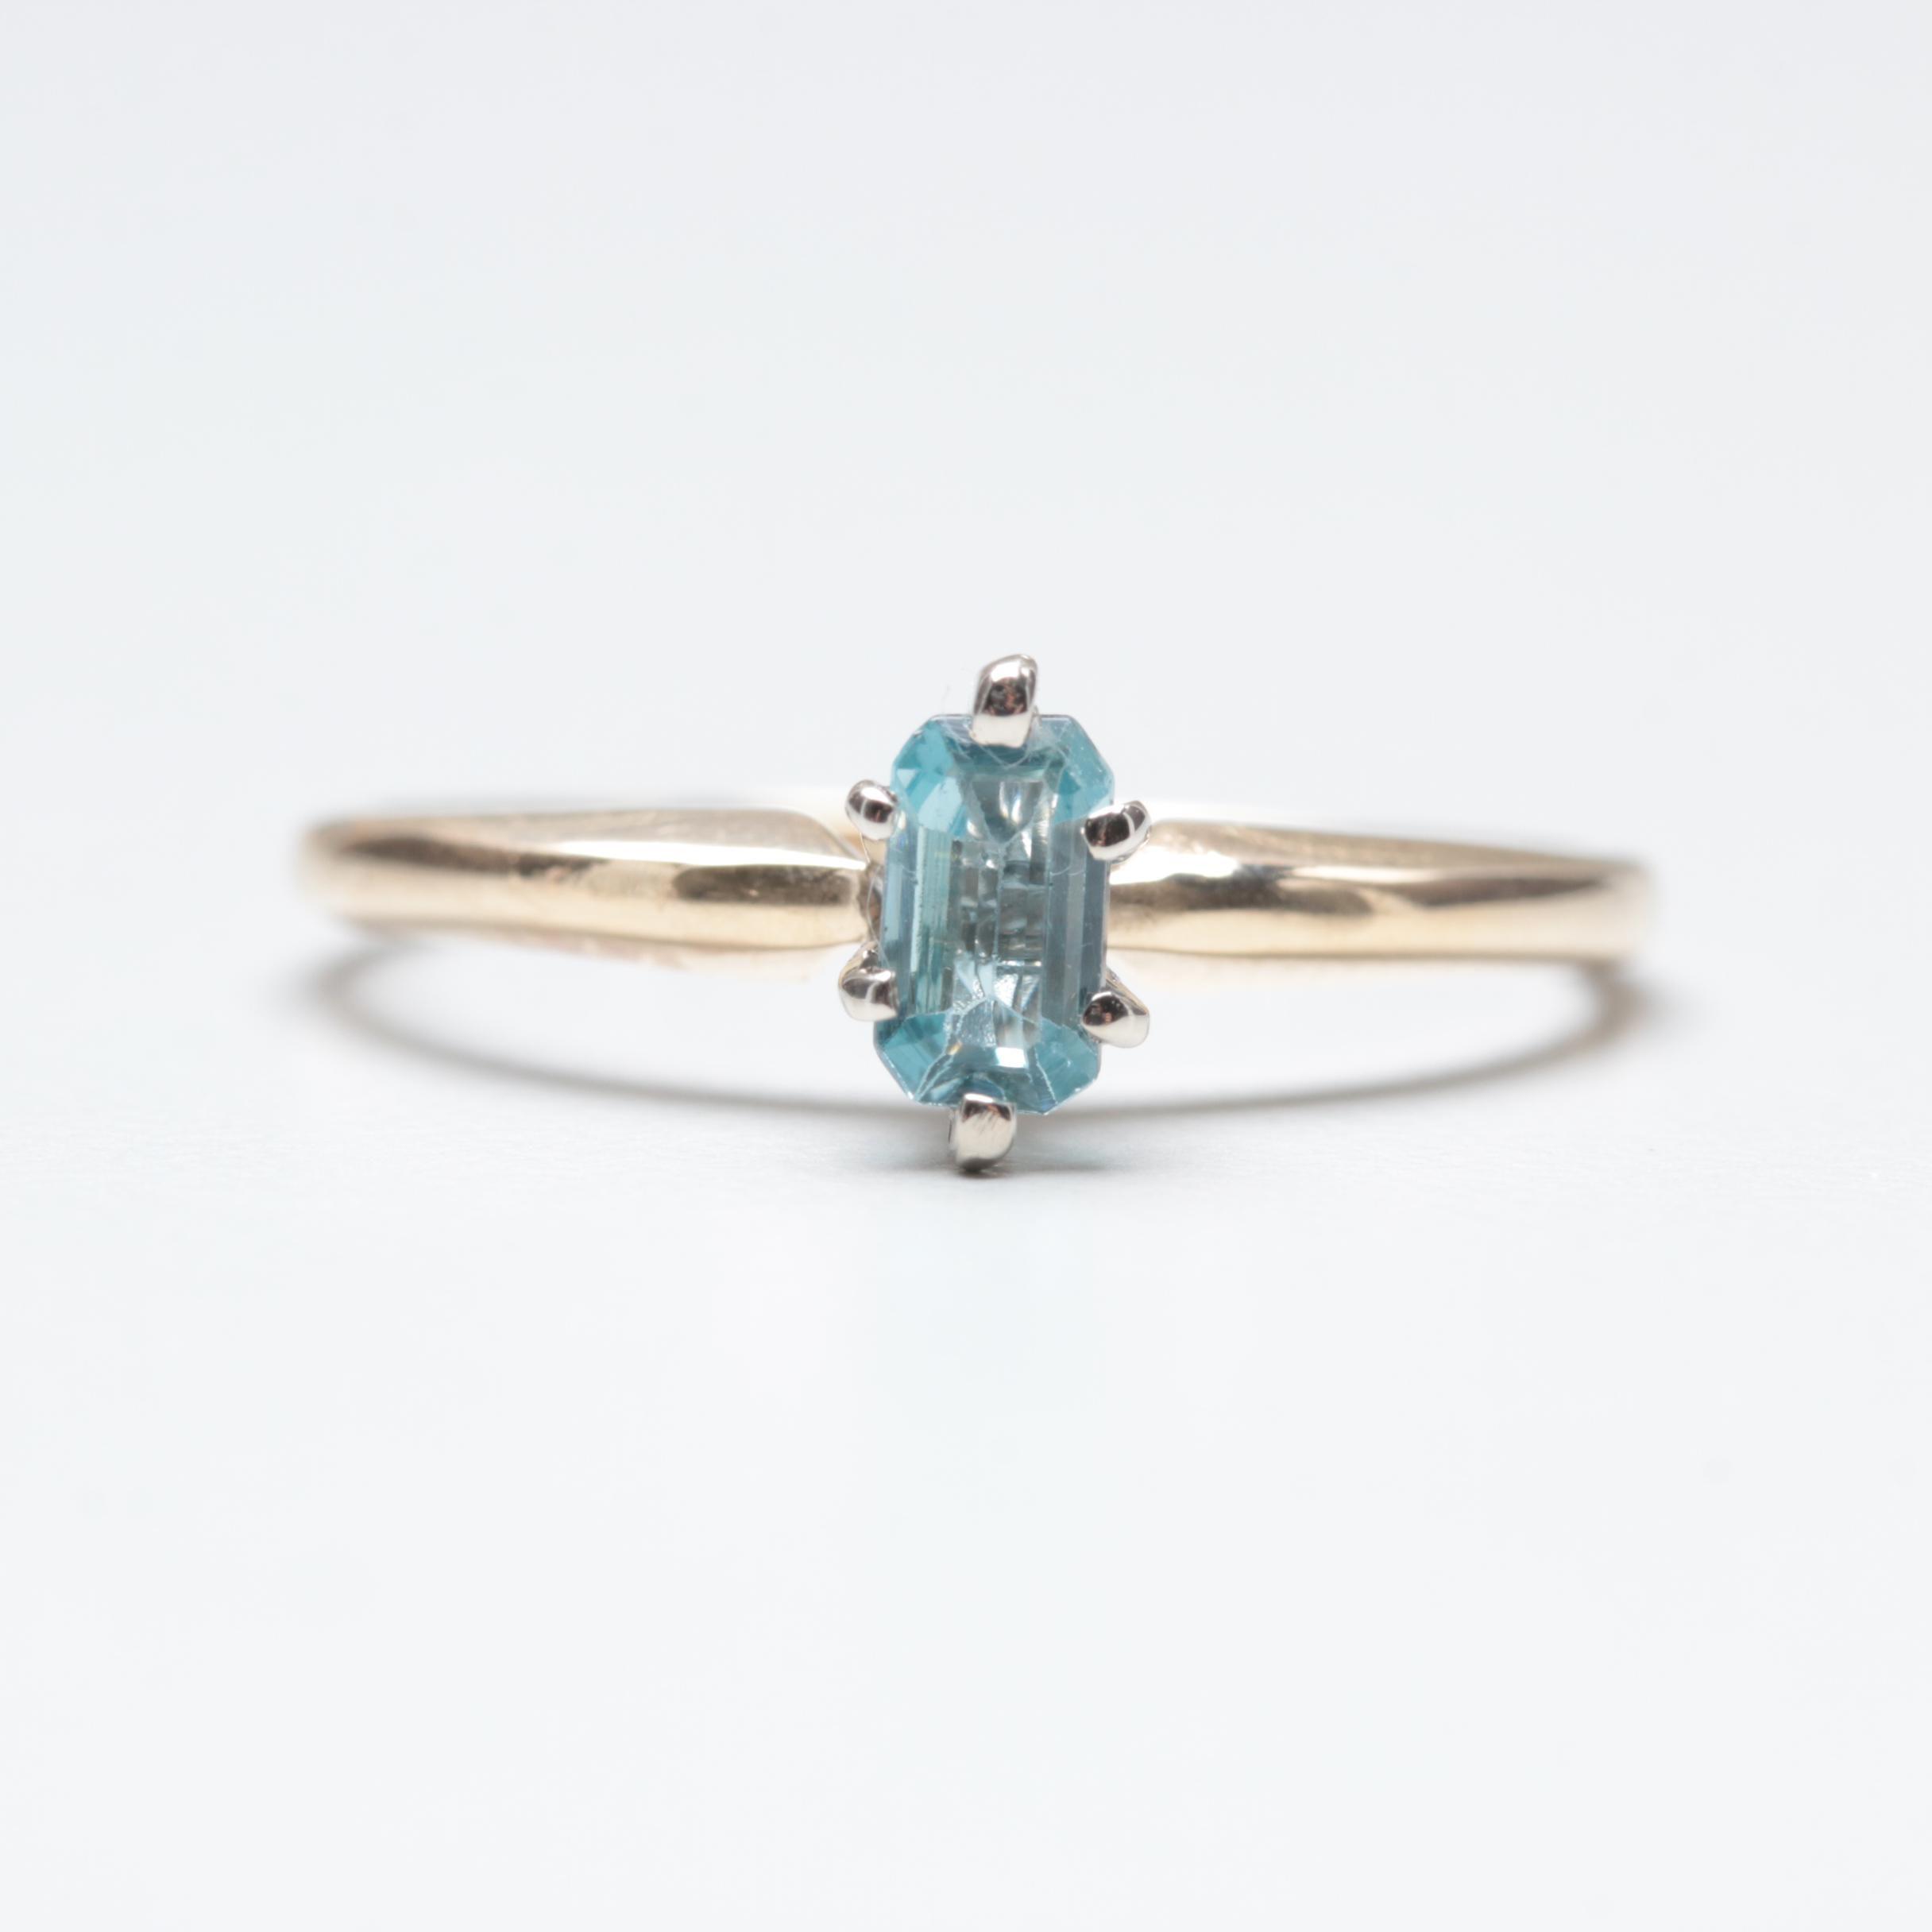 14K Yellow and White Gold Aquamarine Ring